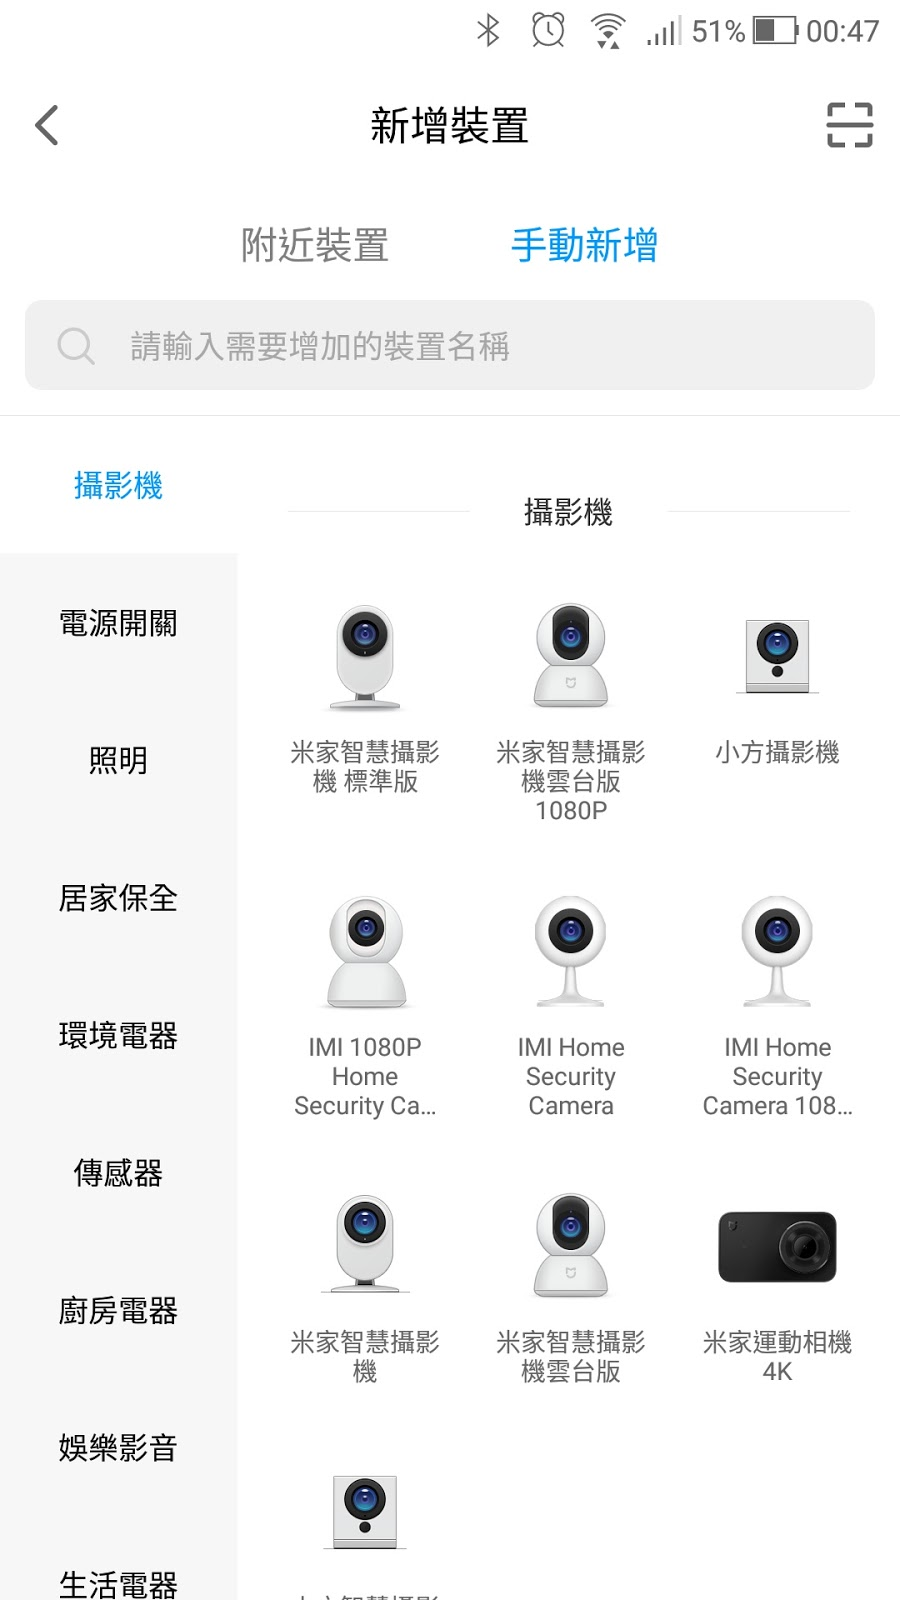 小米-小方智慧攝影機設定教學 - 不及格研究室